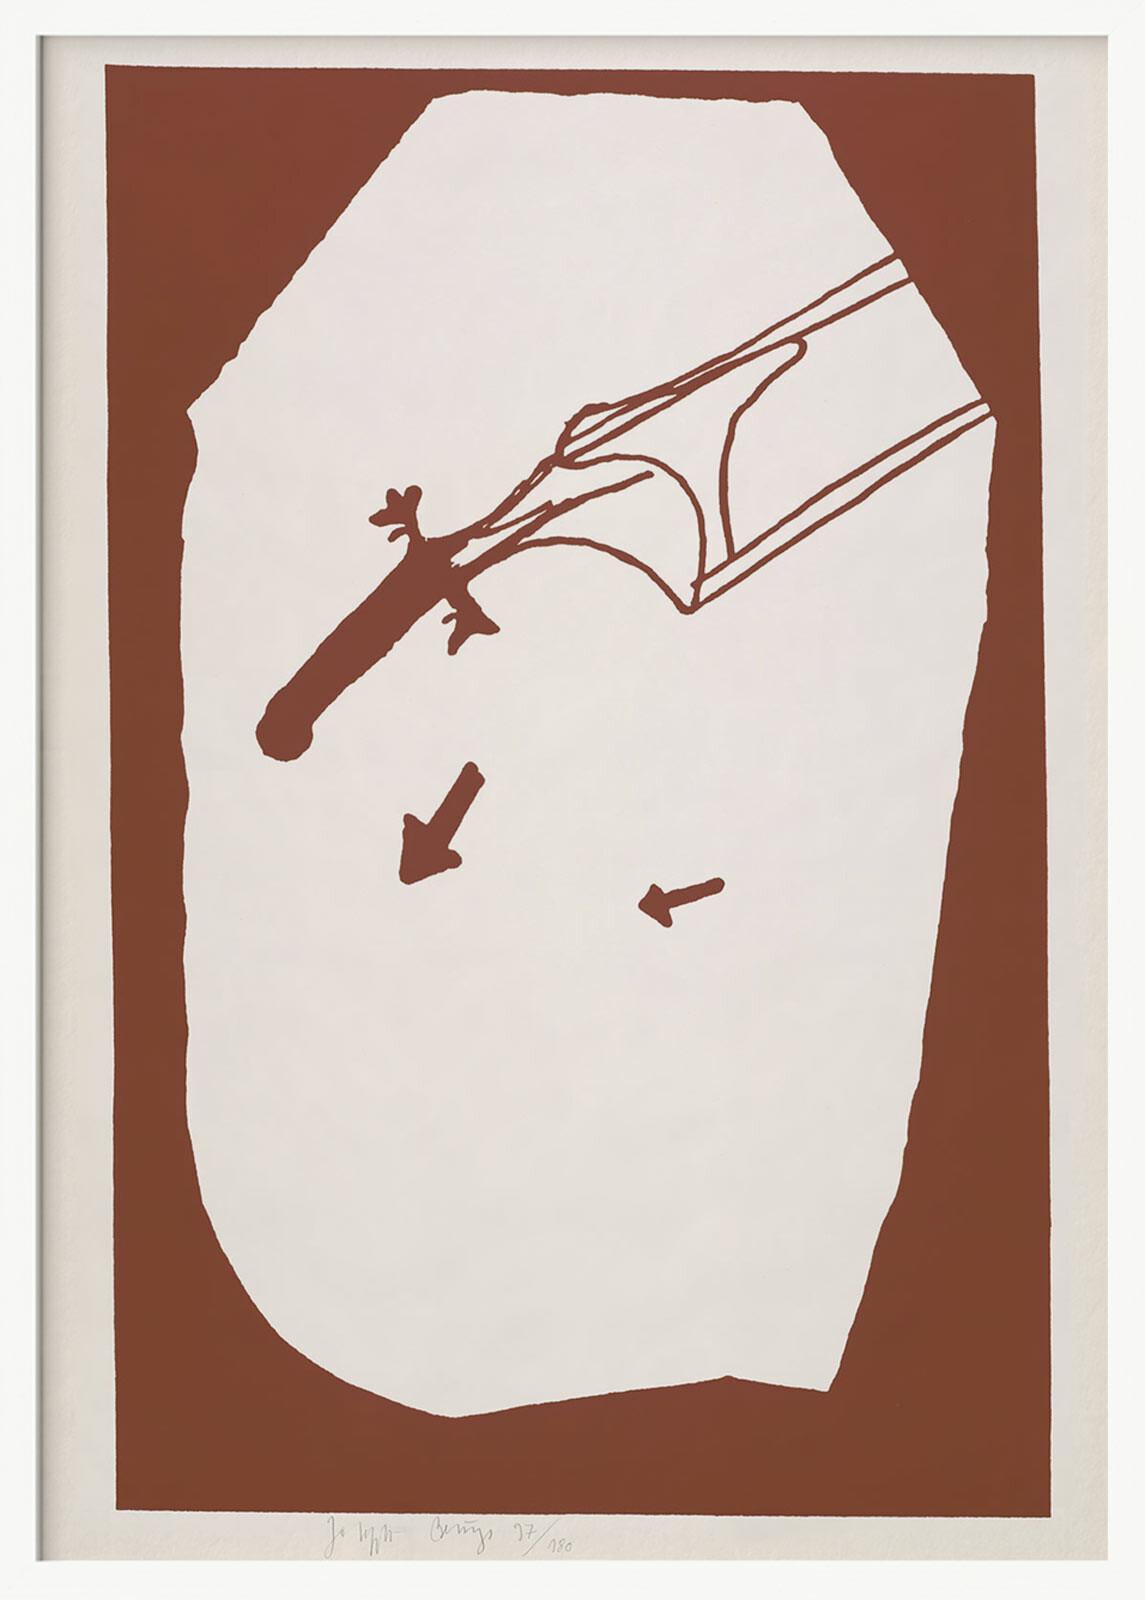 Elch in der Strömung - Joseph Beuys